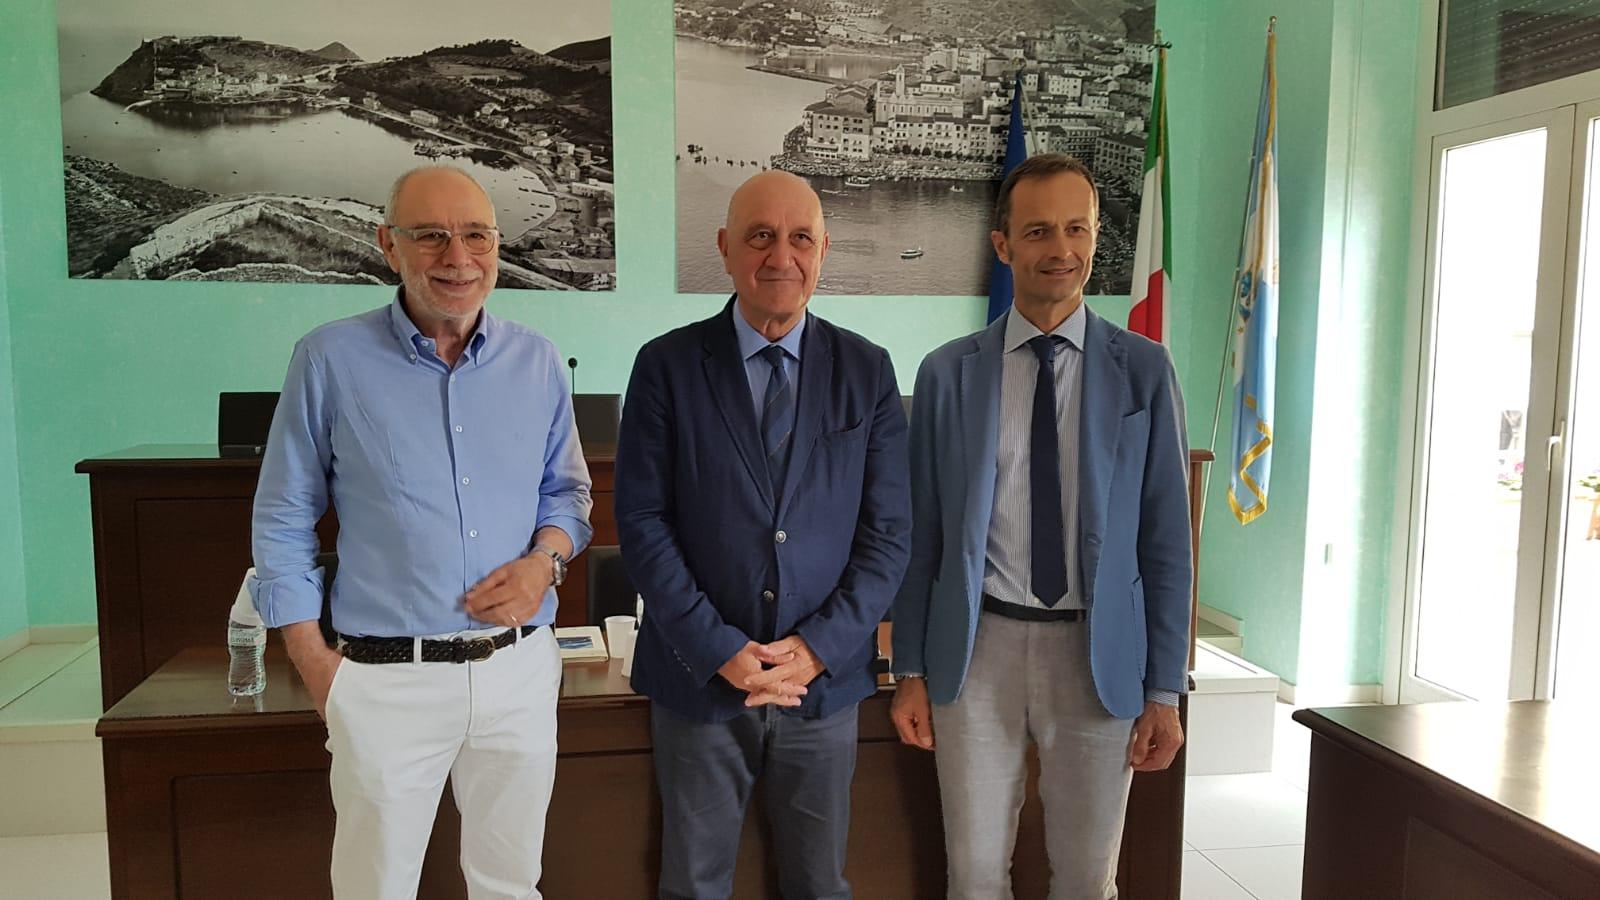 Economia del mare, rapporto CCIAA 2019, nella foto Schiano, Borghini e Breda